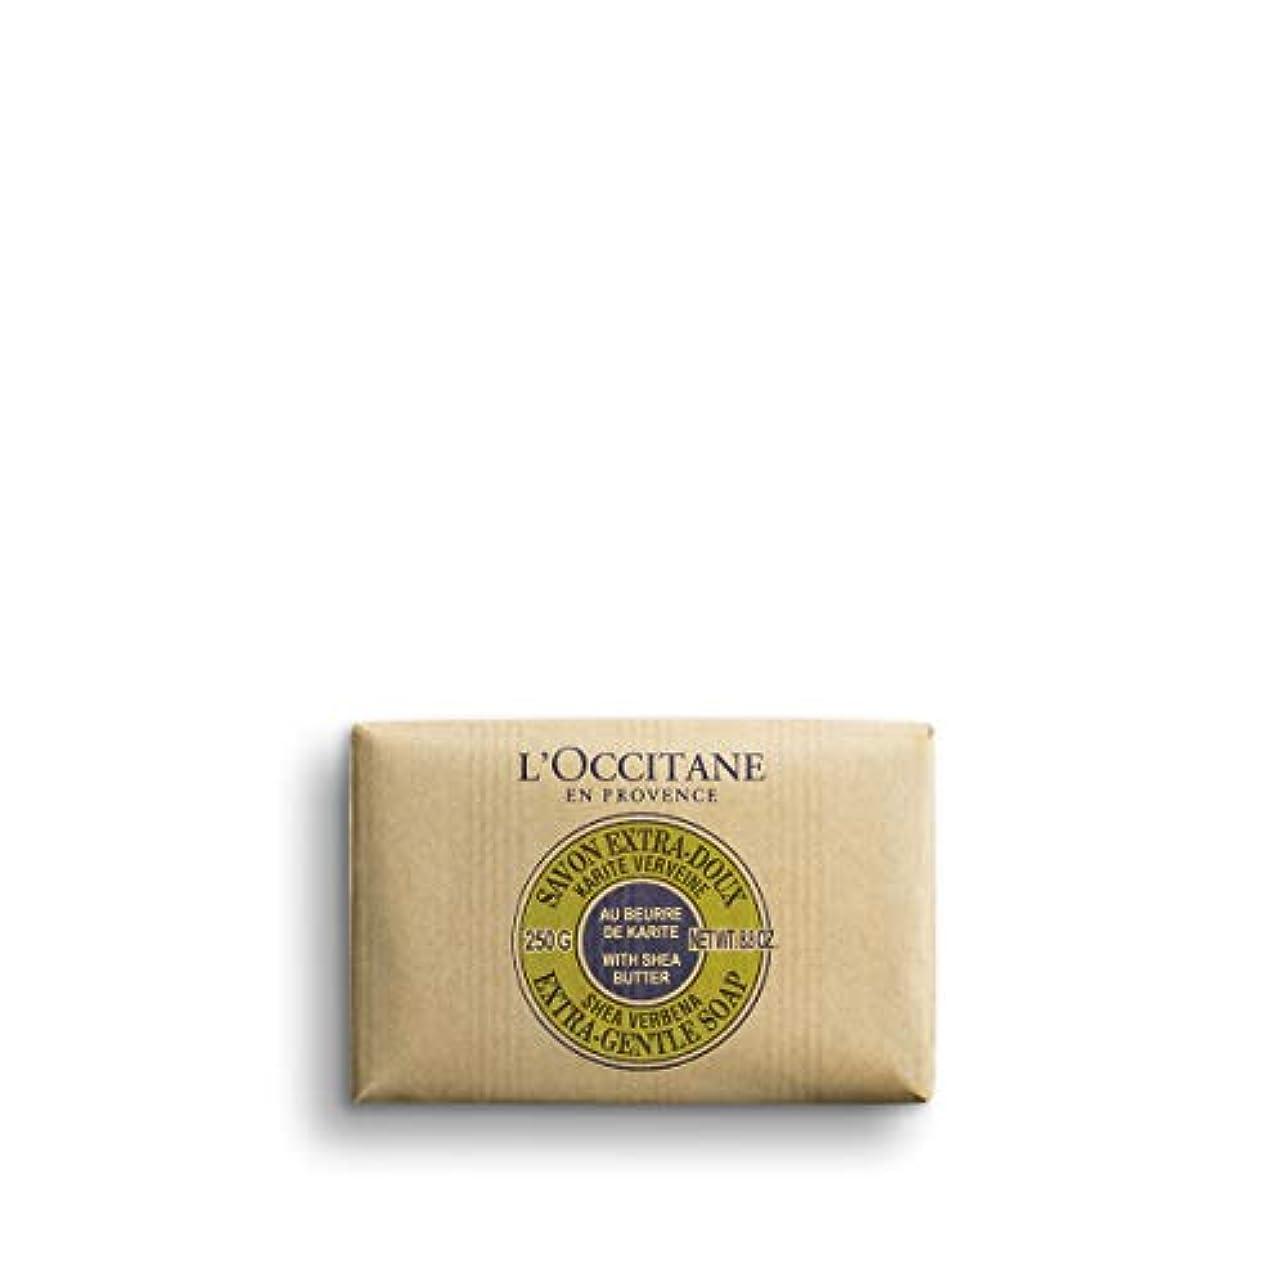 クロス困難郵便物ロクシタン(L'OCCITANE) シアバターソープ 250g ヴァーベナ